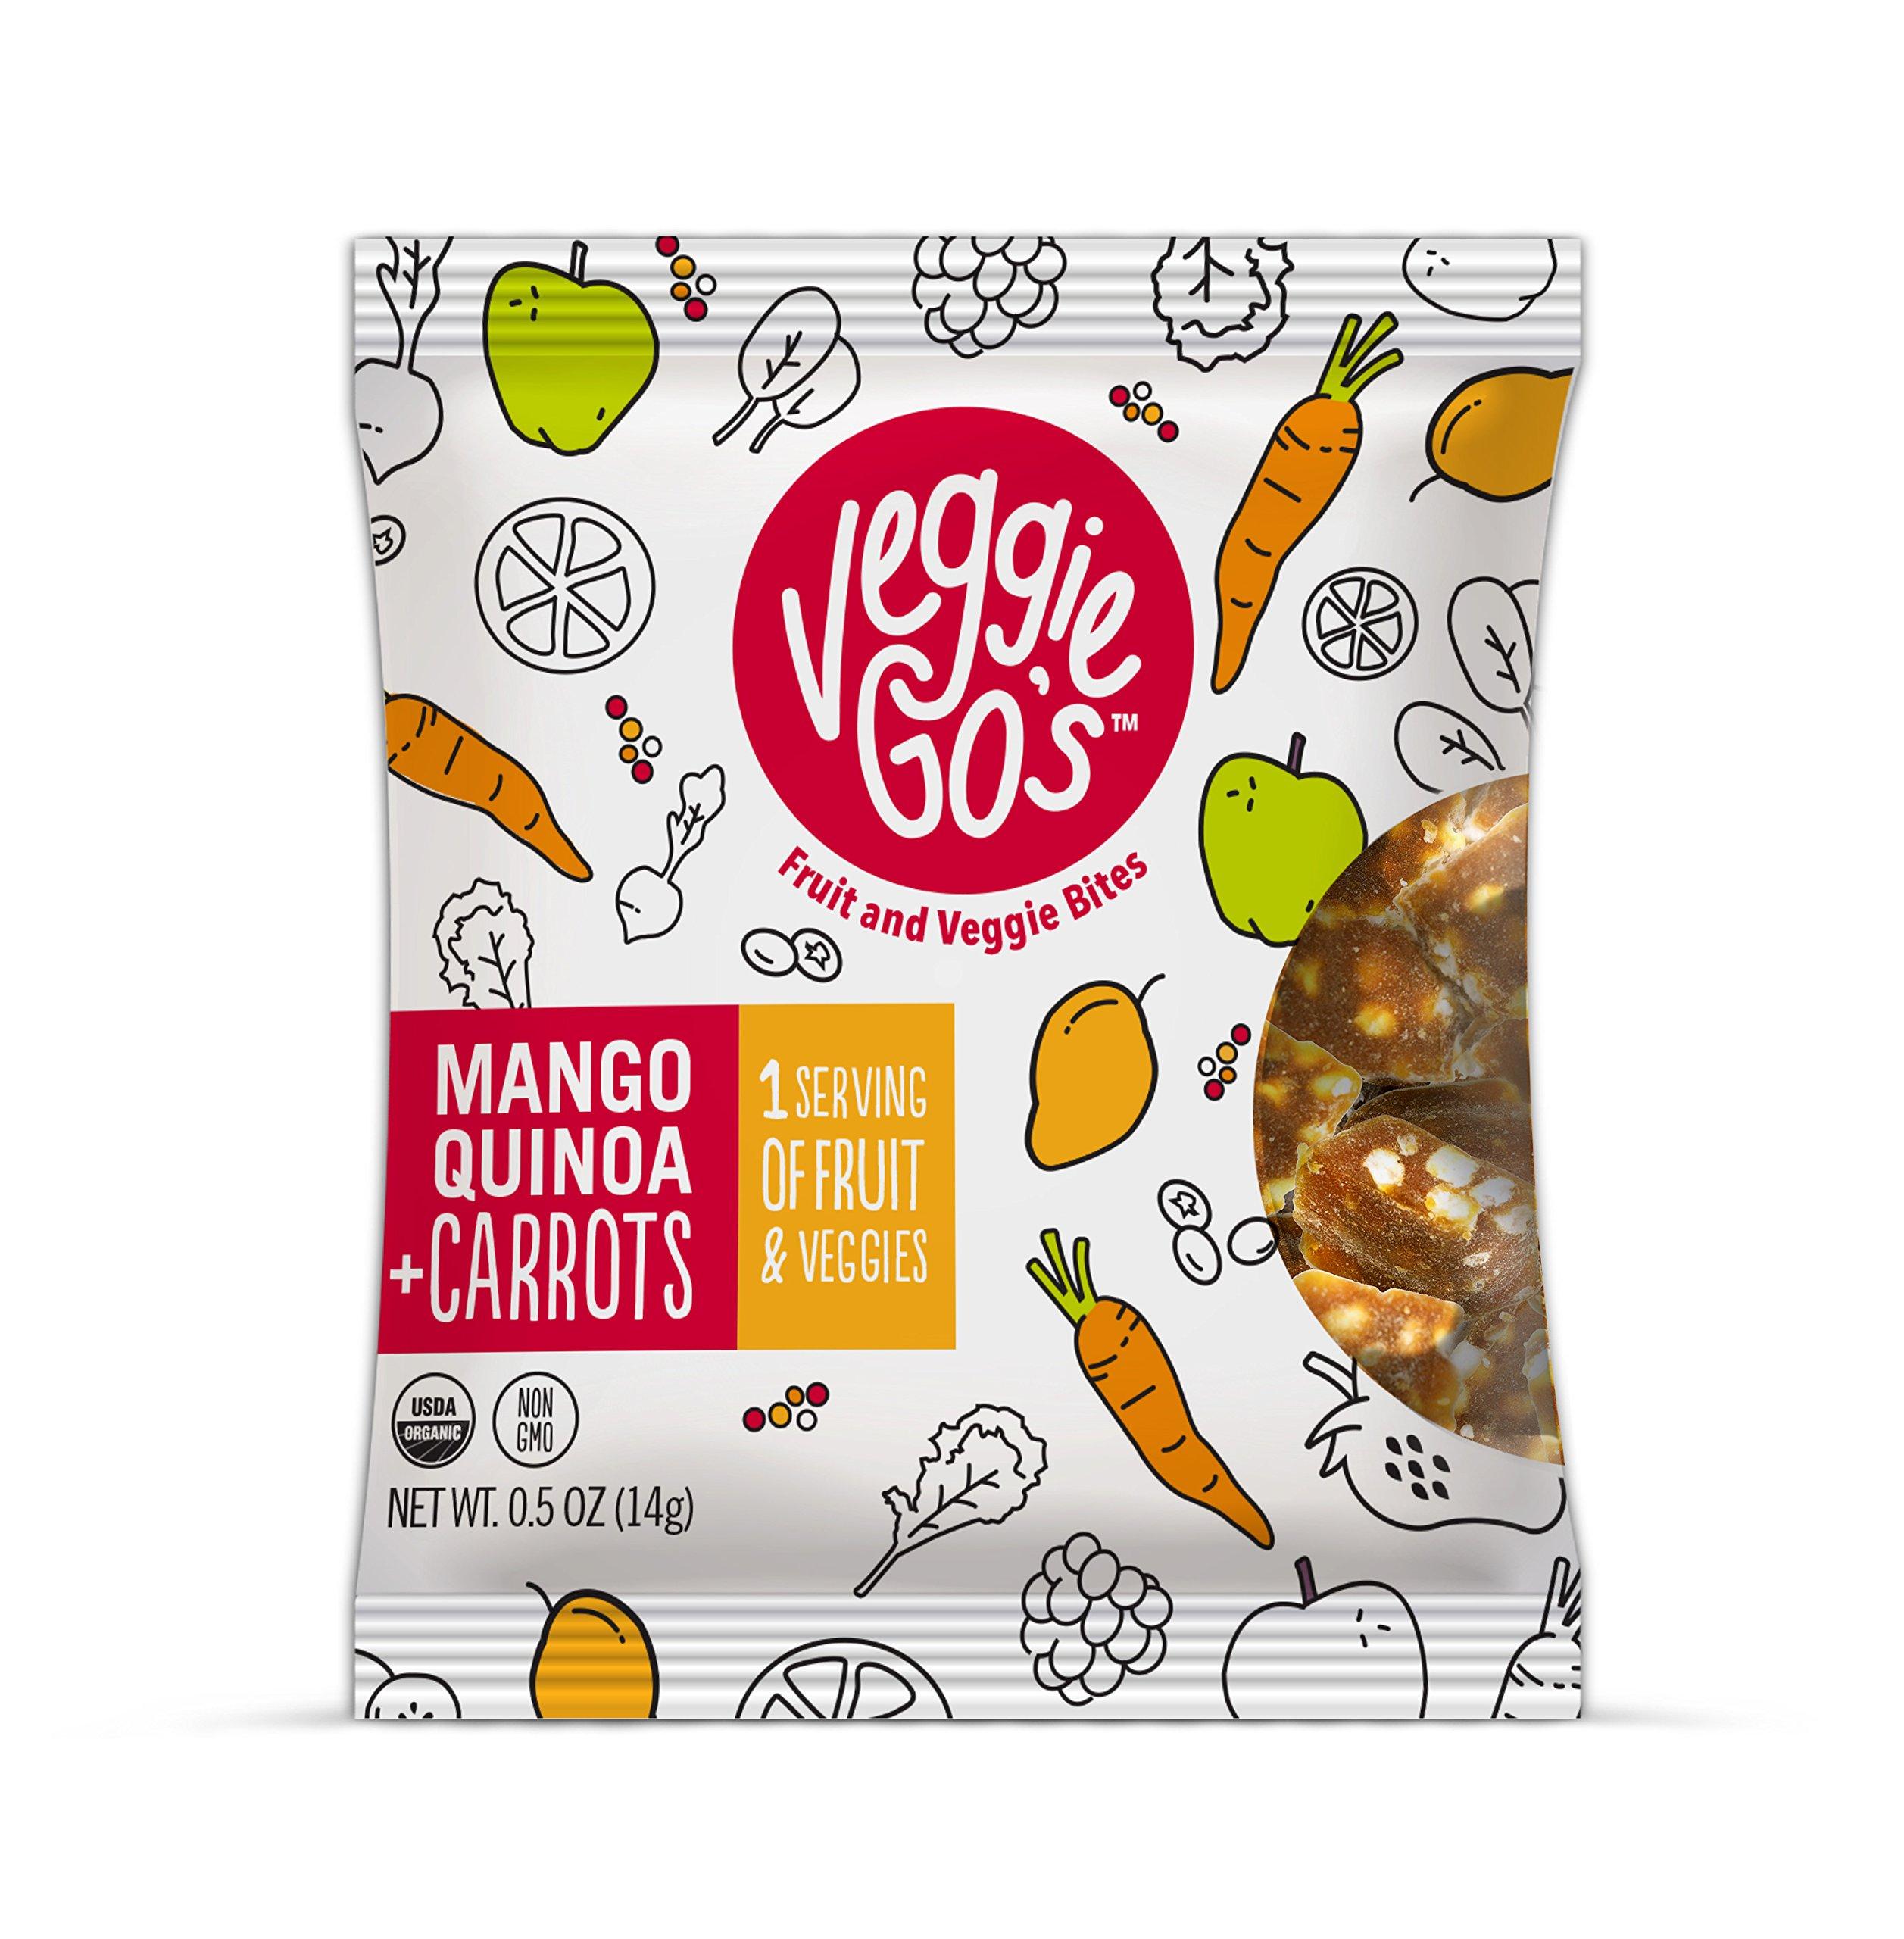 Veggie-Go's Organic Fruit and Veggie Bites, Mango/Quinoa/Carrot, 12 Count